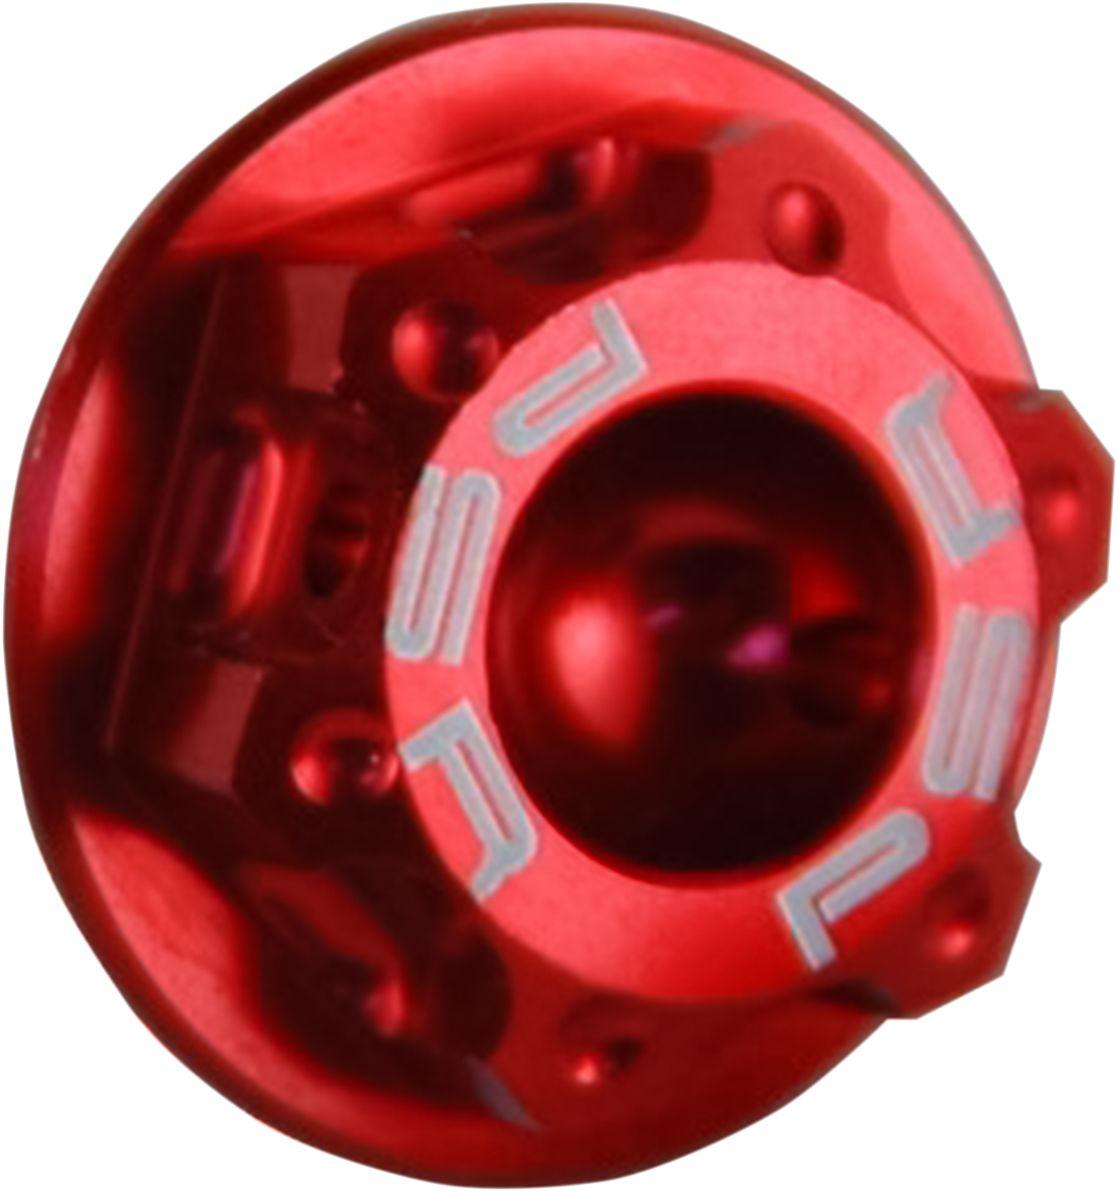 DRAIN PLUG 12X1.5X15 RED